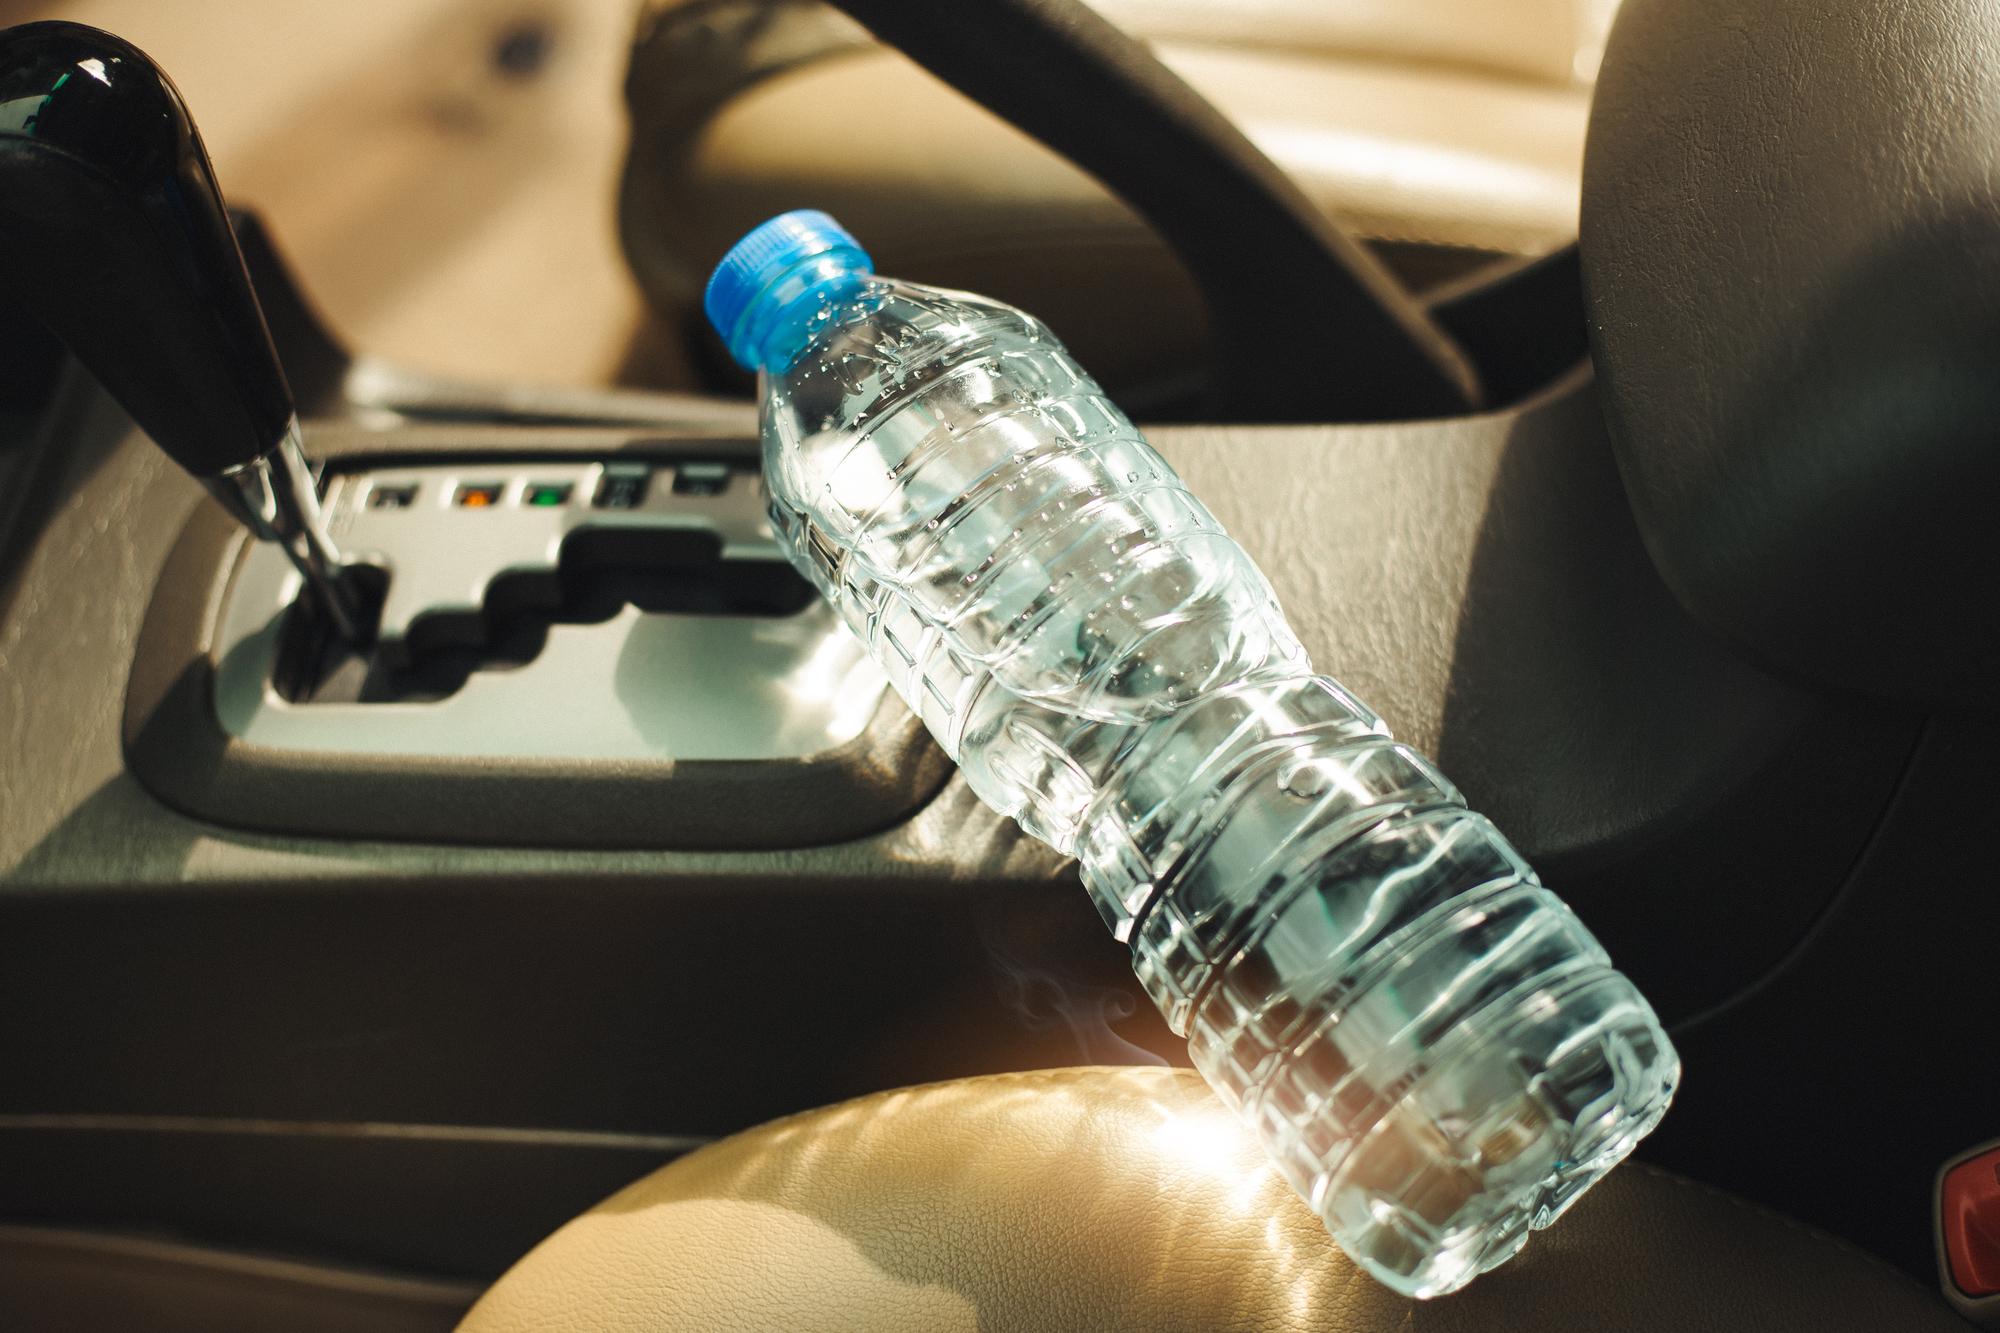 При нагреве из пластика в воду могут выделяться вредные вещества